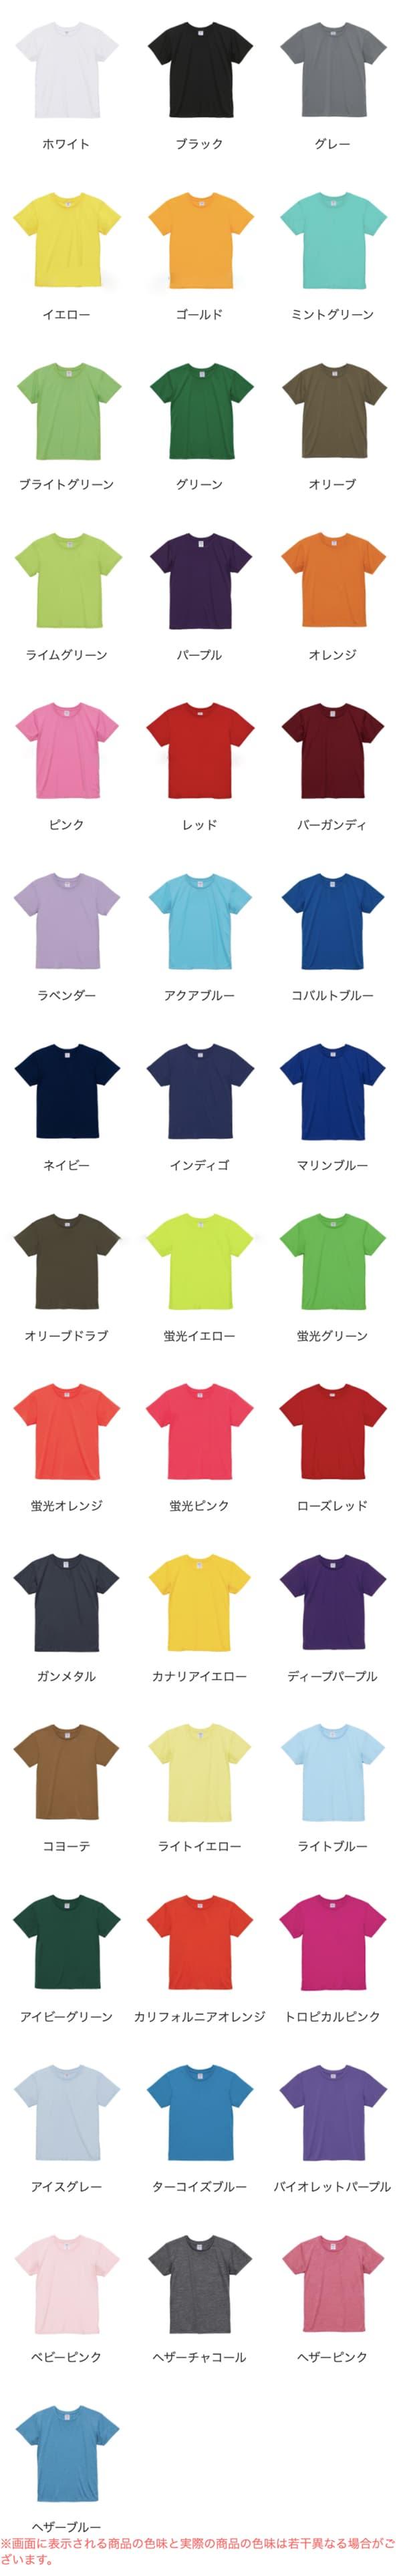 ドライアスレチックTシャツ〈ウィメンズ〉のカラー